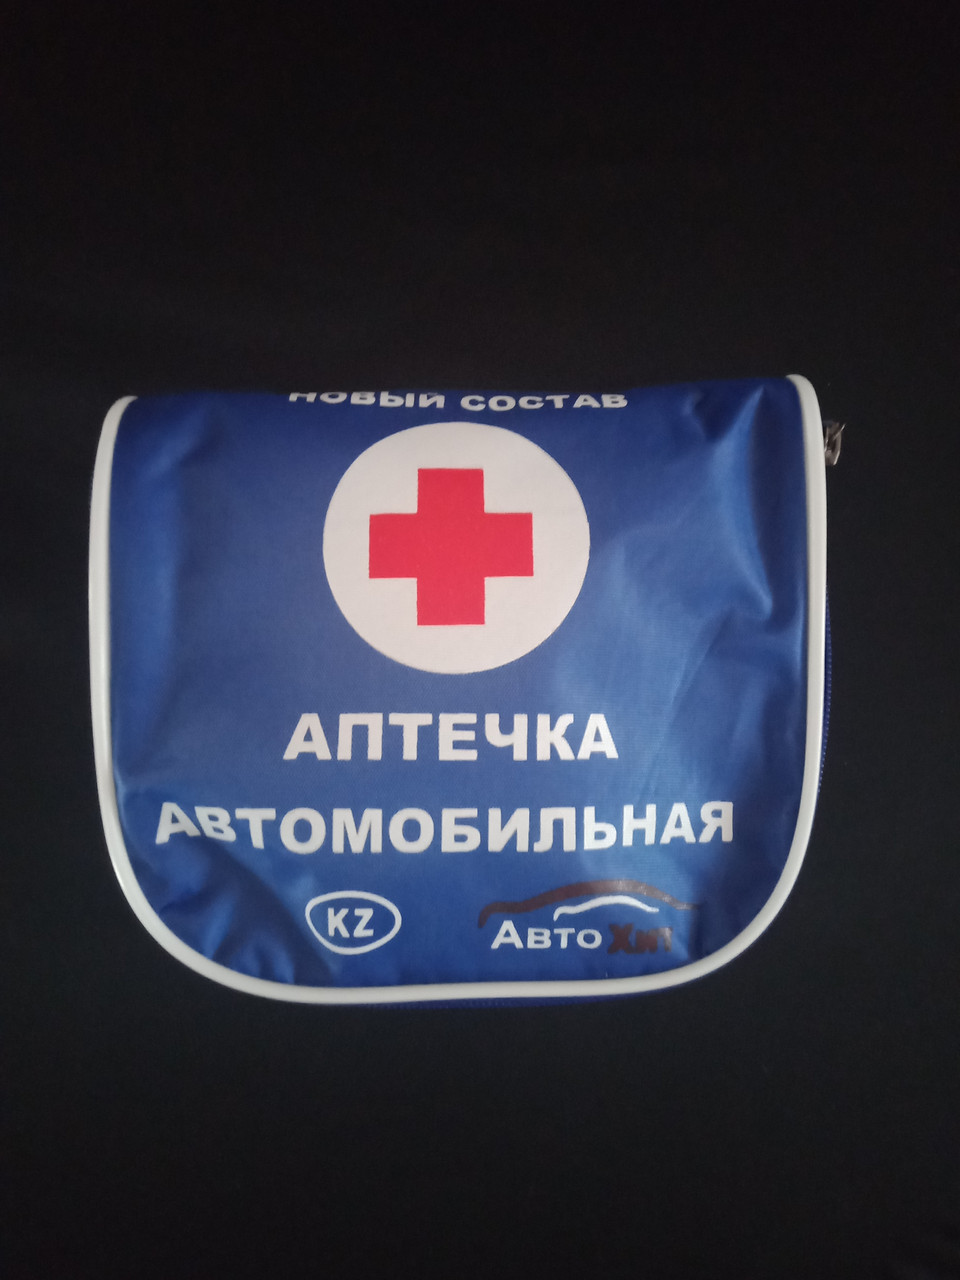 Аптечка автомобильная по приказу № 237